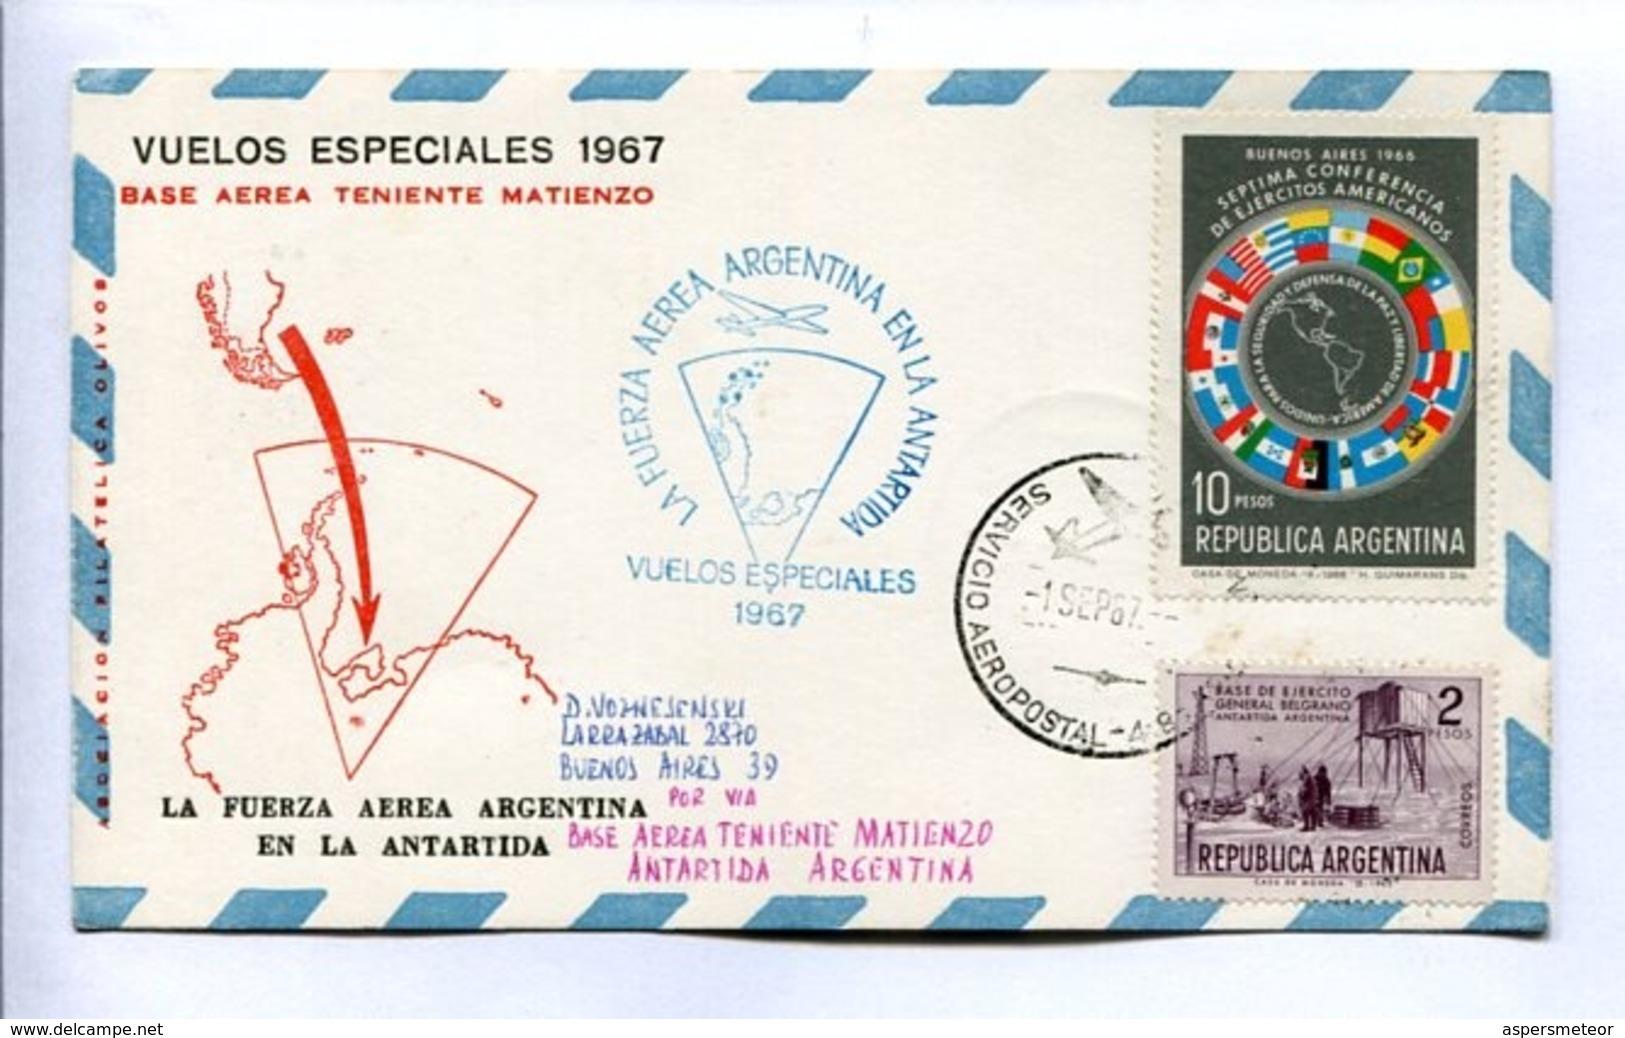 VUELOS ESPECIALES - BASE AEREA TENIENTE MATIENZO. FUERZA AEREA ARGENTINA EN LA ANTARTIDA. 1967 CARTE PAR AVION -LILHU - Vuelos Polares